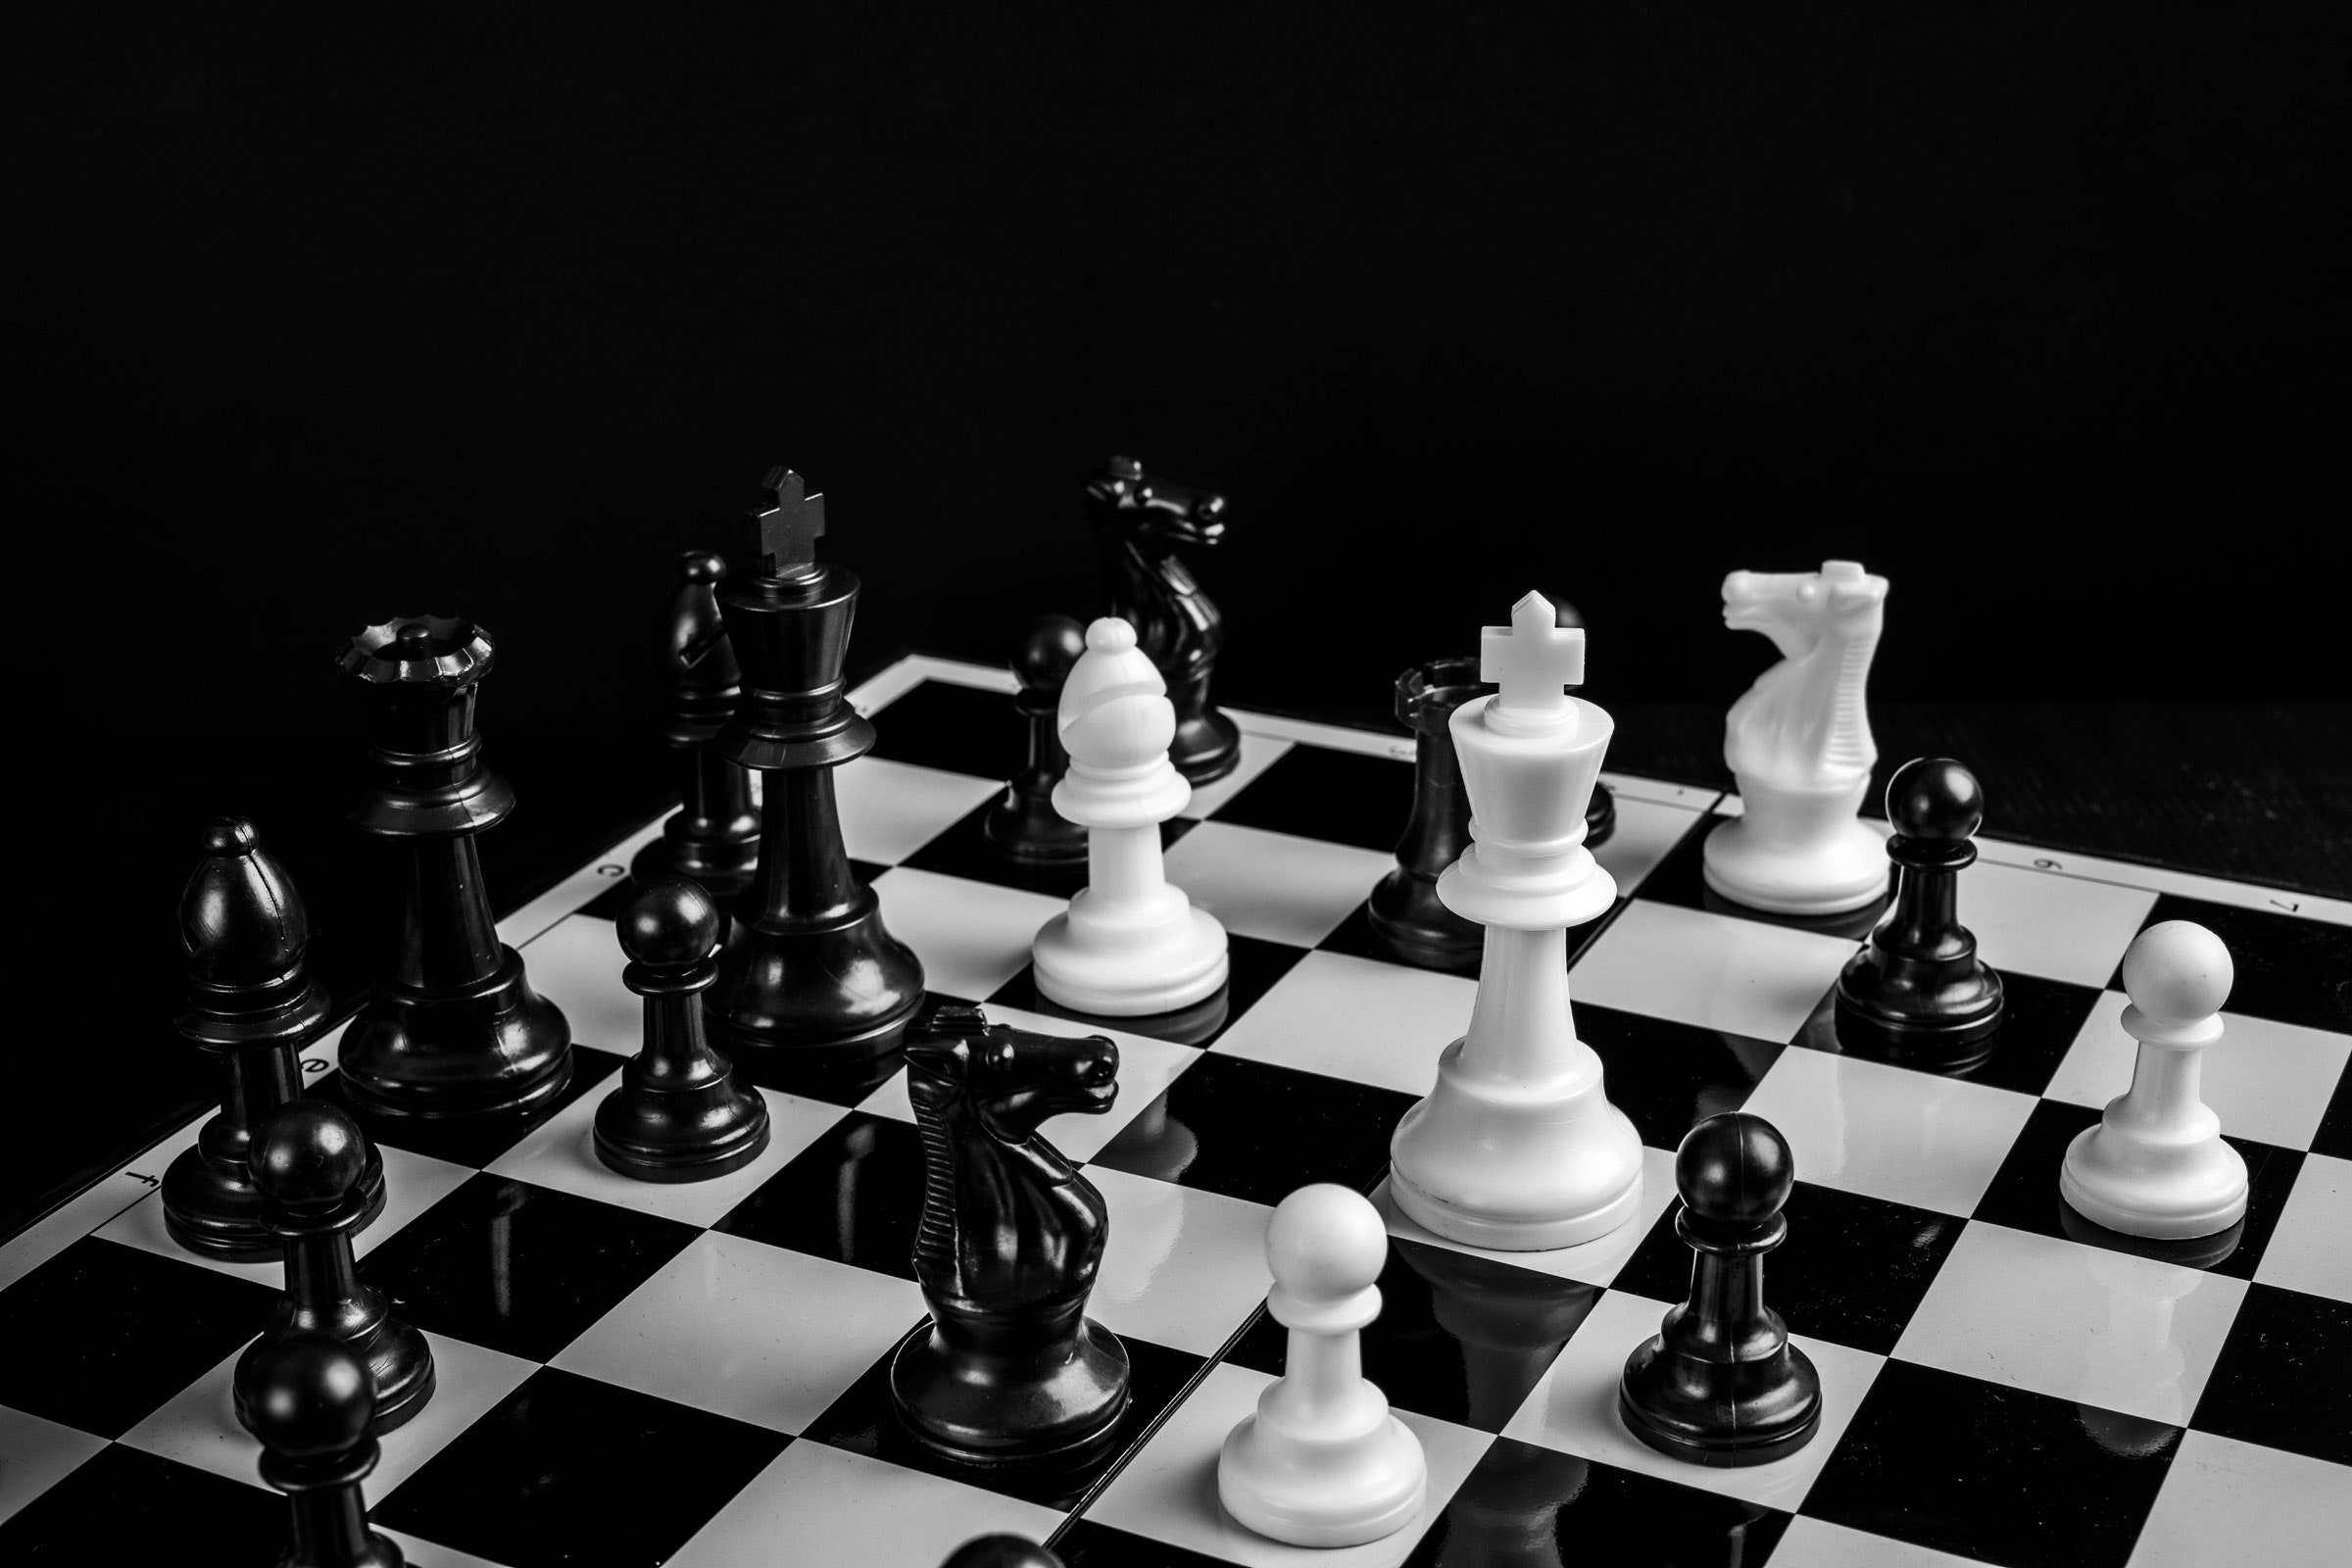 国际象棋王可以对王吗(国际象棋技巧)